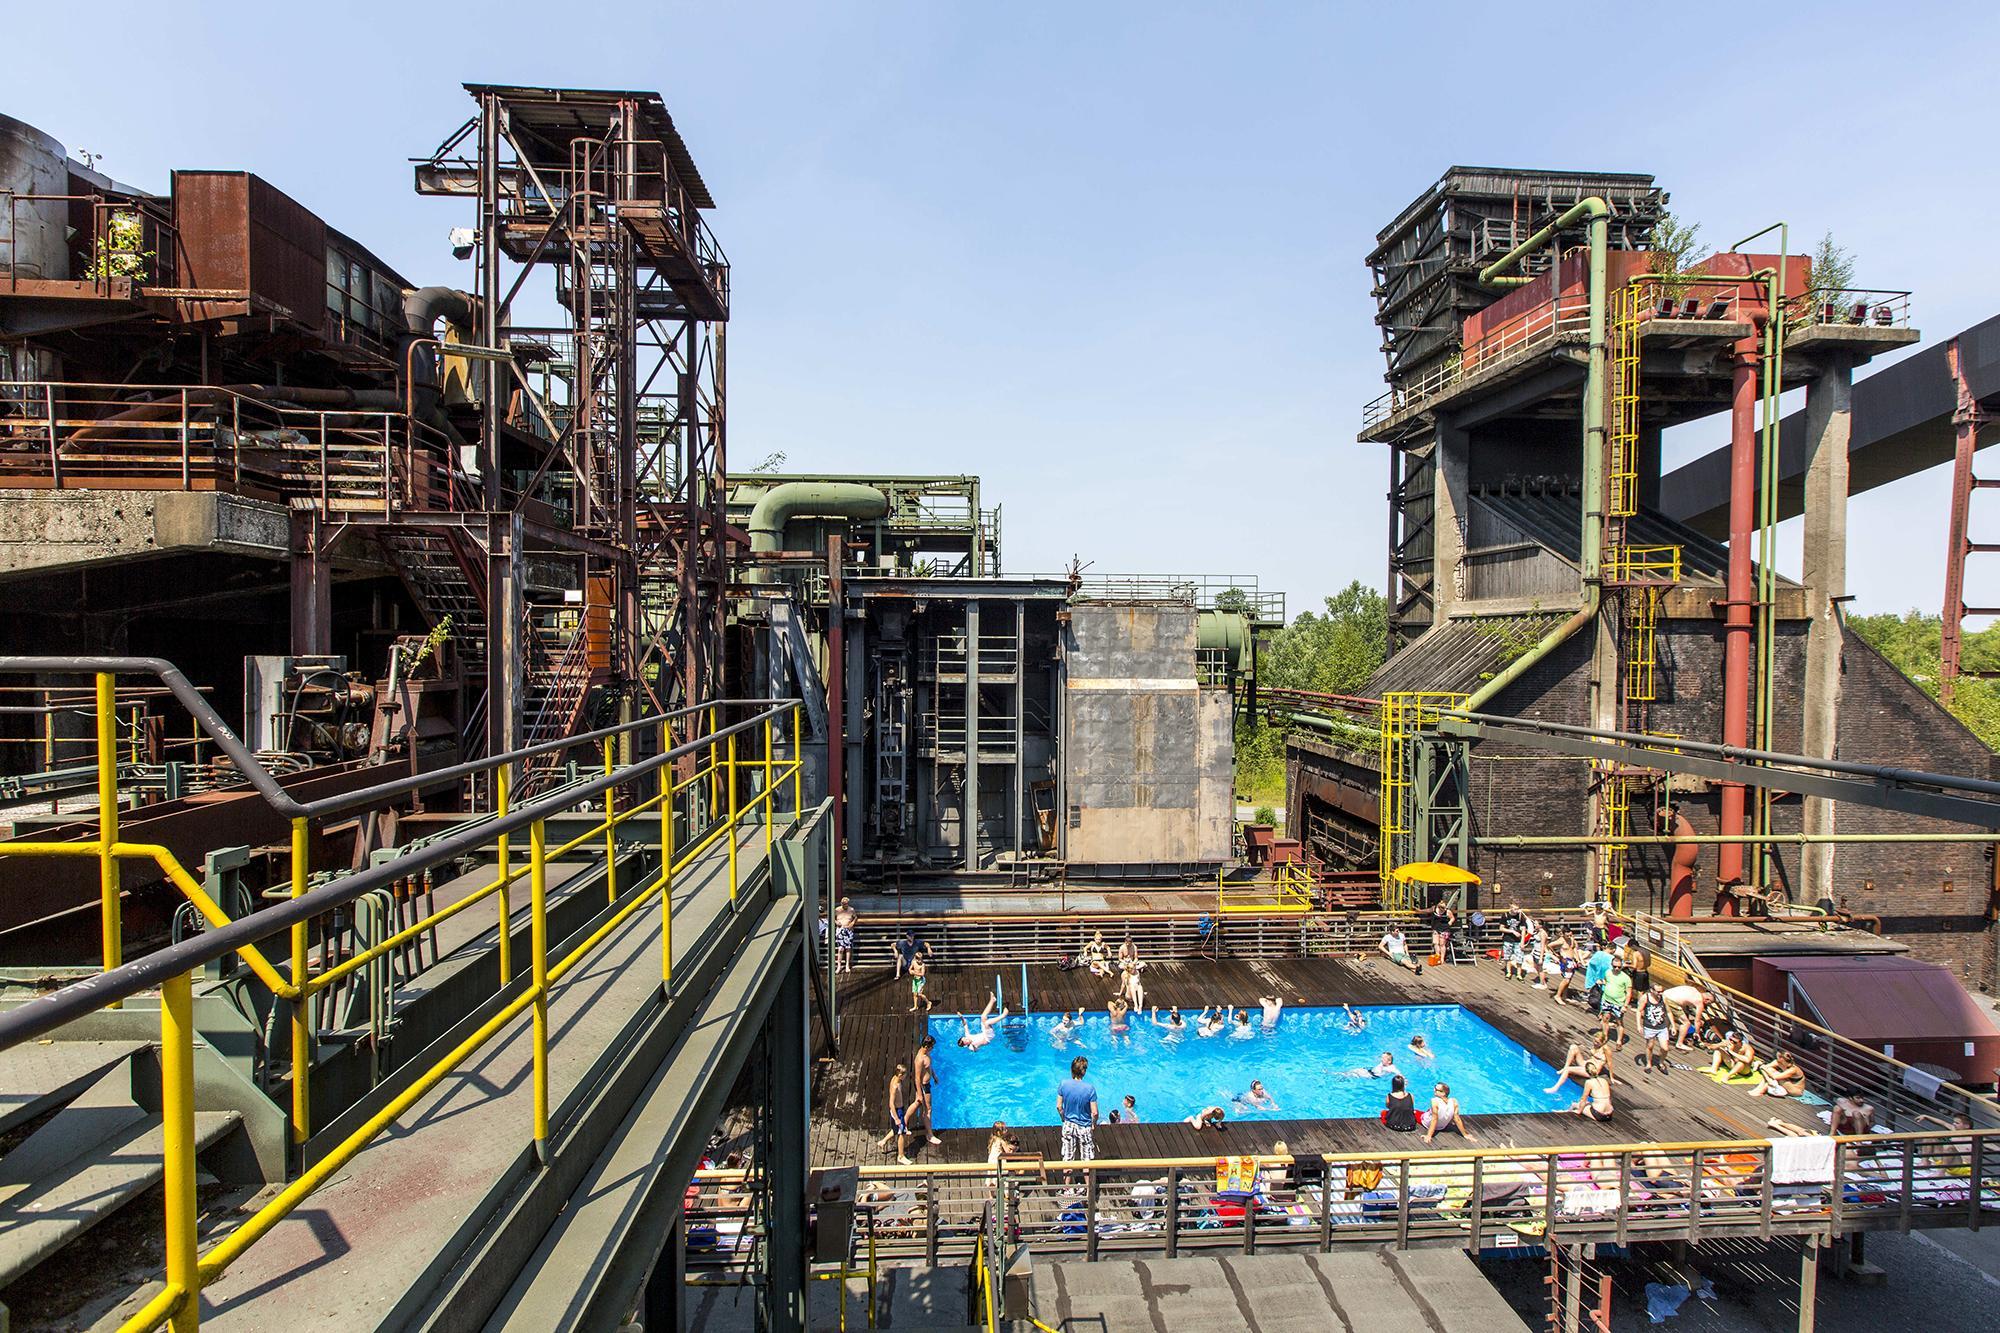 La piscine de 2,4 x 12 x 5 mètres, réalisée par les artistes Dirk Paschke et Daniel Milohnic, consiste en deux conteneurs découpés puis soudés ensemble. Elle contient 130 mètres cubes d'eau. - Photographie de Jochen Tack, Fondation Zollverein